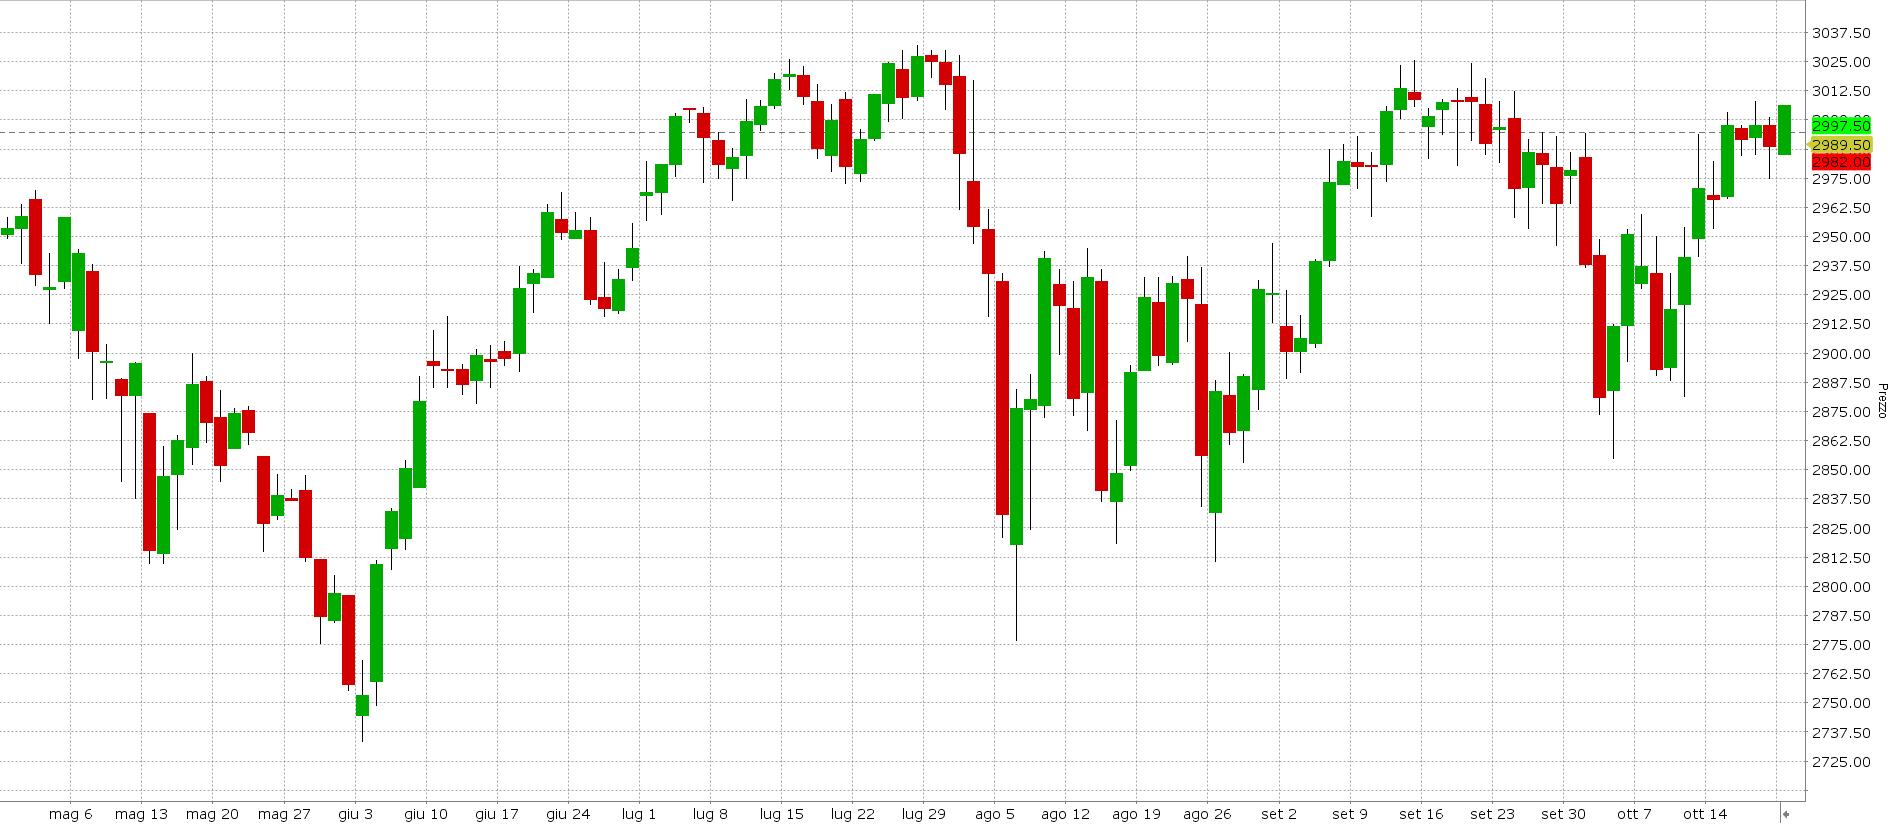 Grafico S&P 500 6 mesi, candele giornaliere